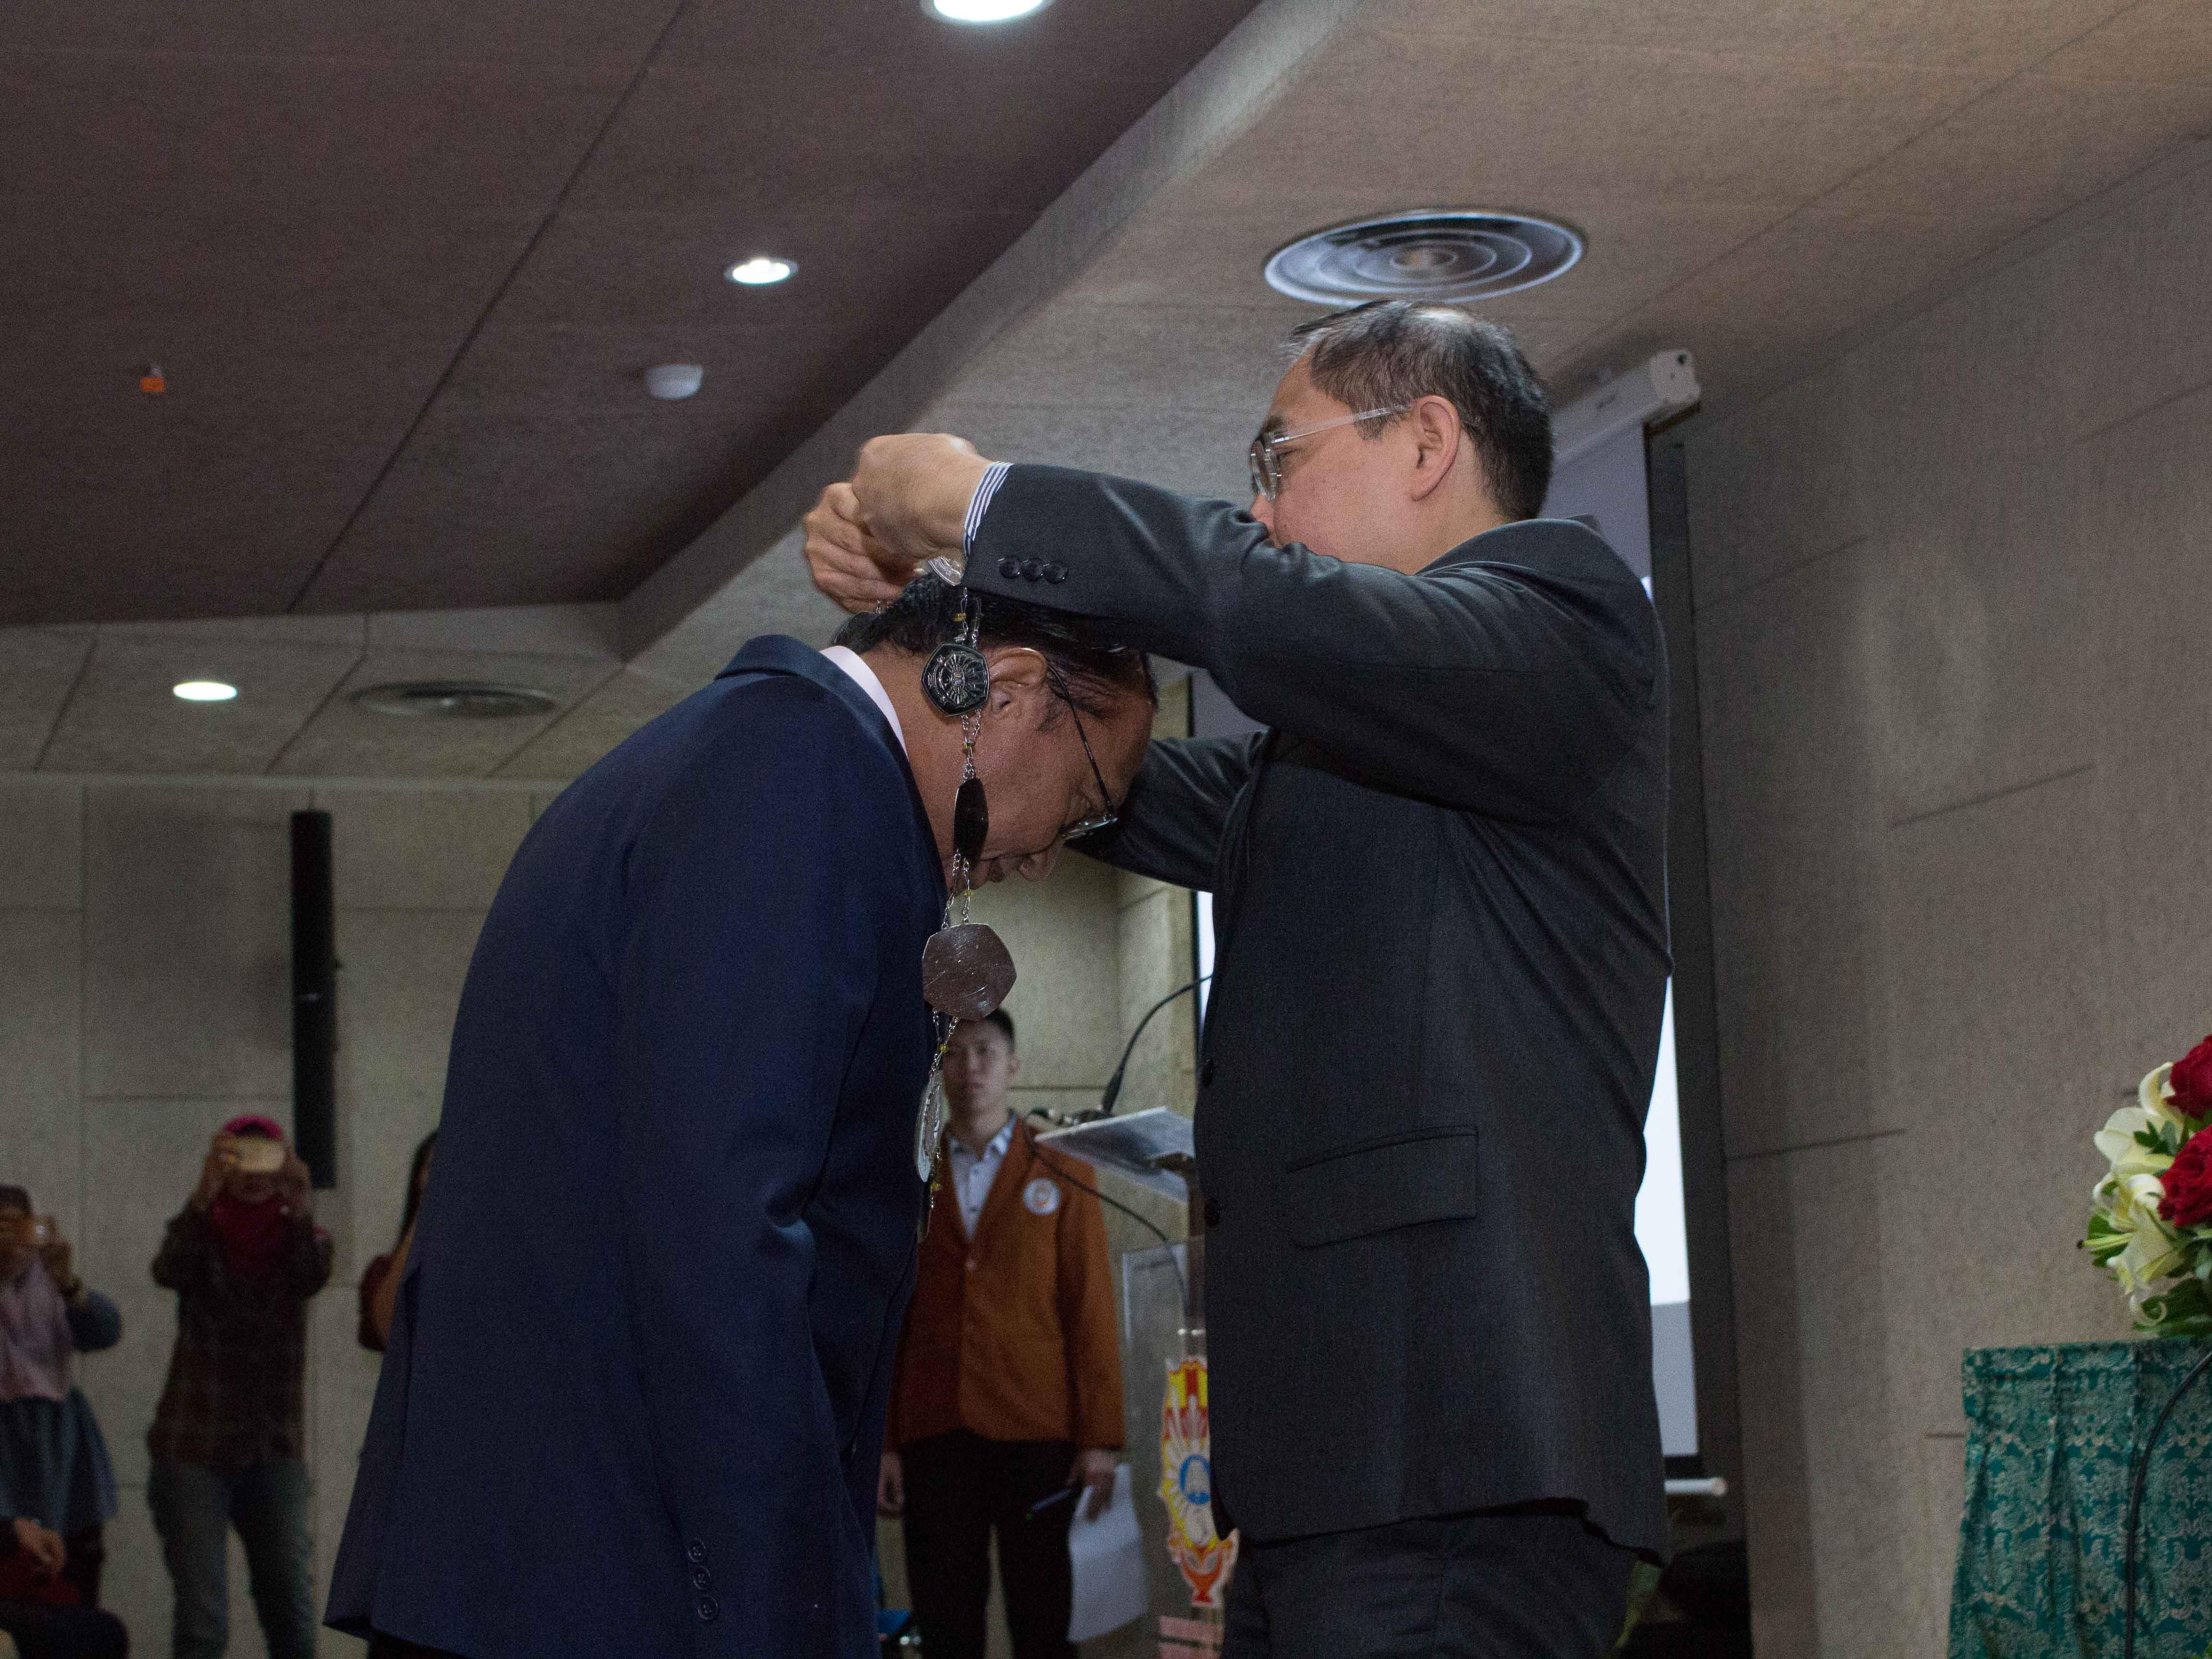 Prosesi-Pengalungan-Gordon-oleh-Kuncoro-Foe-selaku-Rektor-kepada-Prof.-Tahalele-selaku-Dekan-FK-UKWMS-yang-baru-dilantik